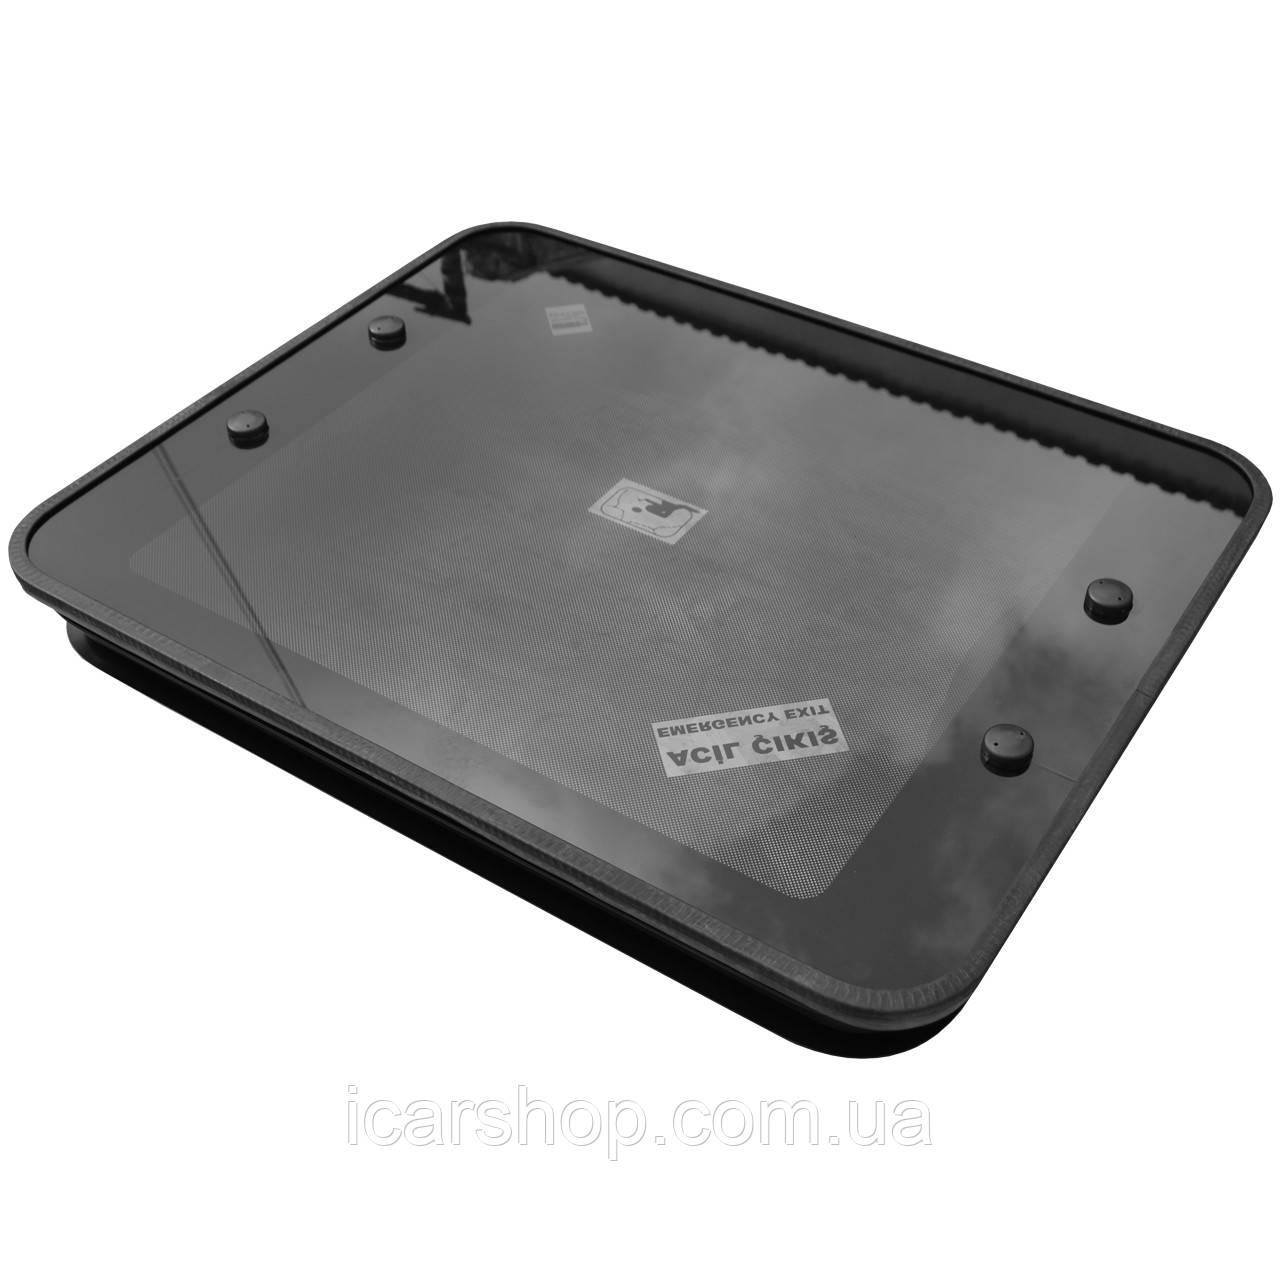 Вентиляционный люк стеклянный 75х60 с уплотнителем ATS